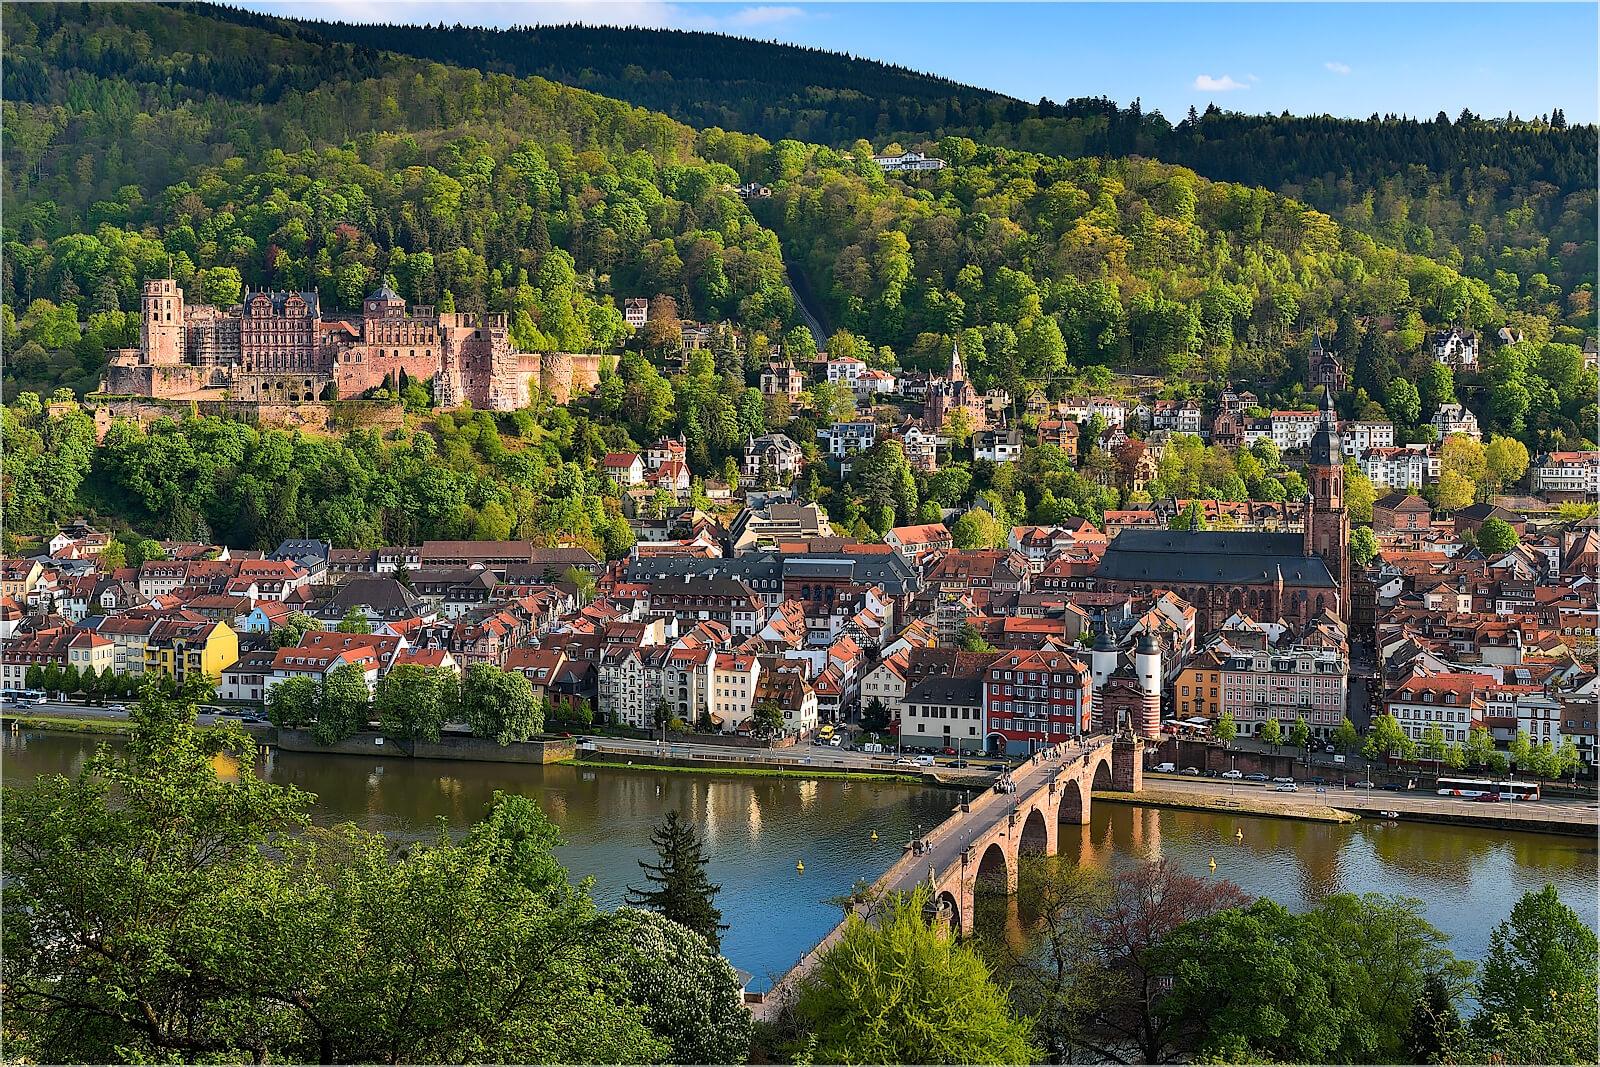 Wandbild Altstadtblick auf Heidelberg